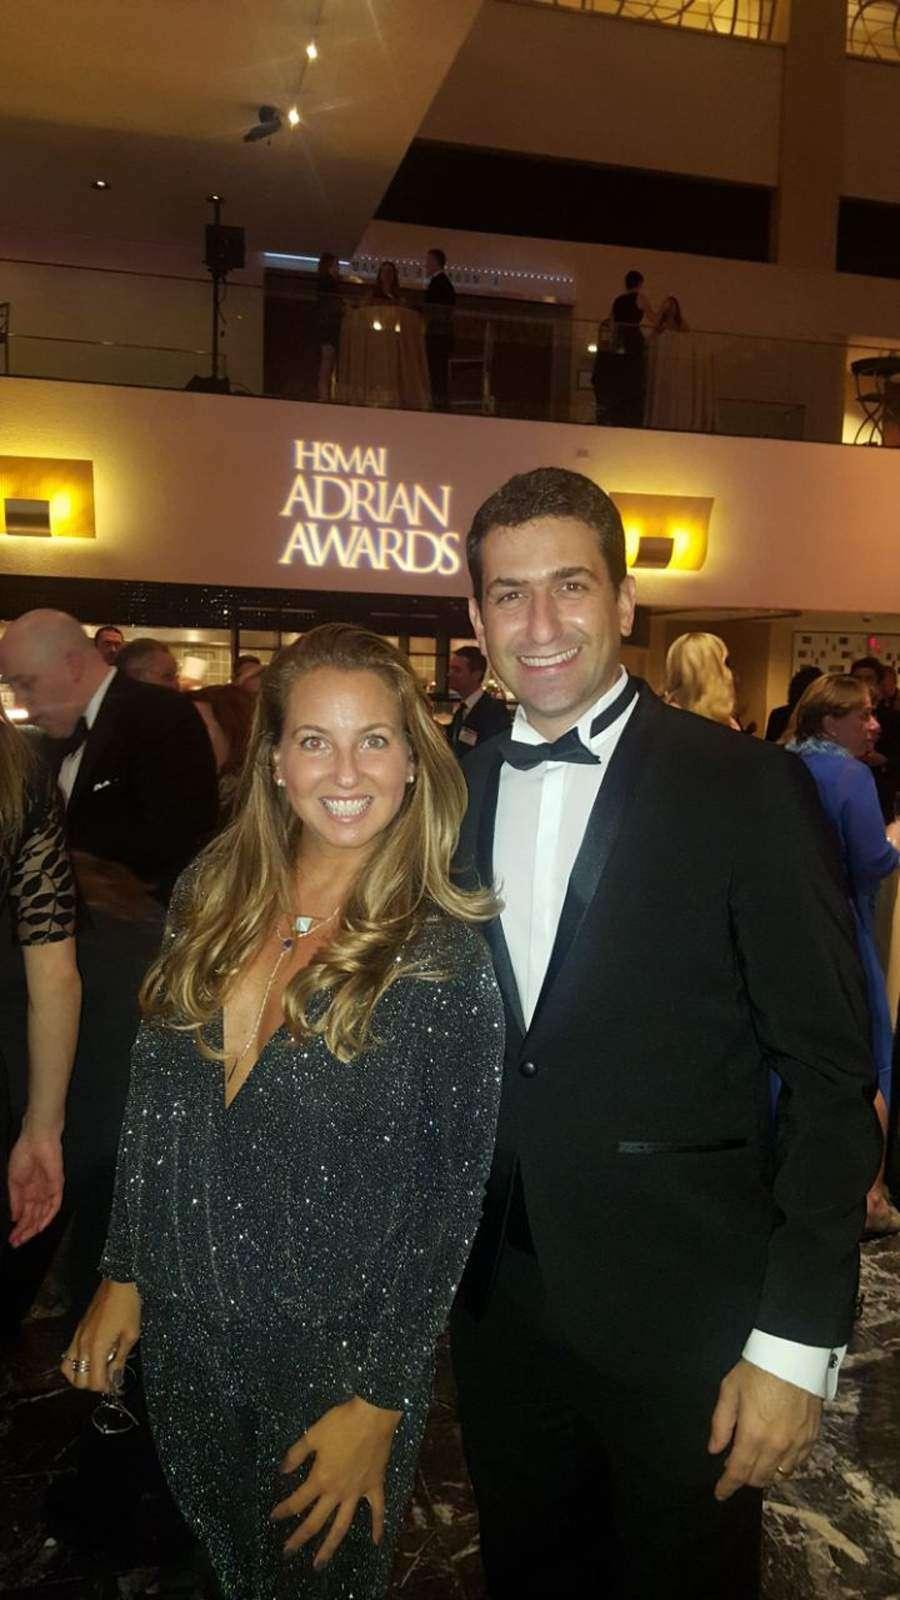 Hotéis Othon conquistam o Adrian Awards